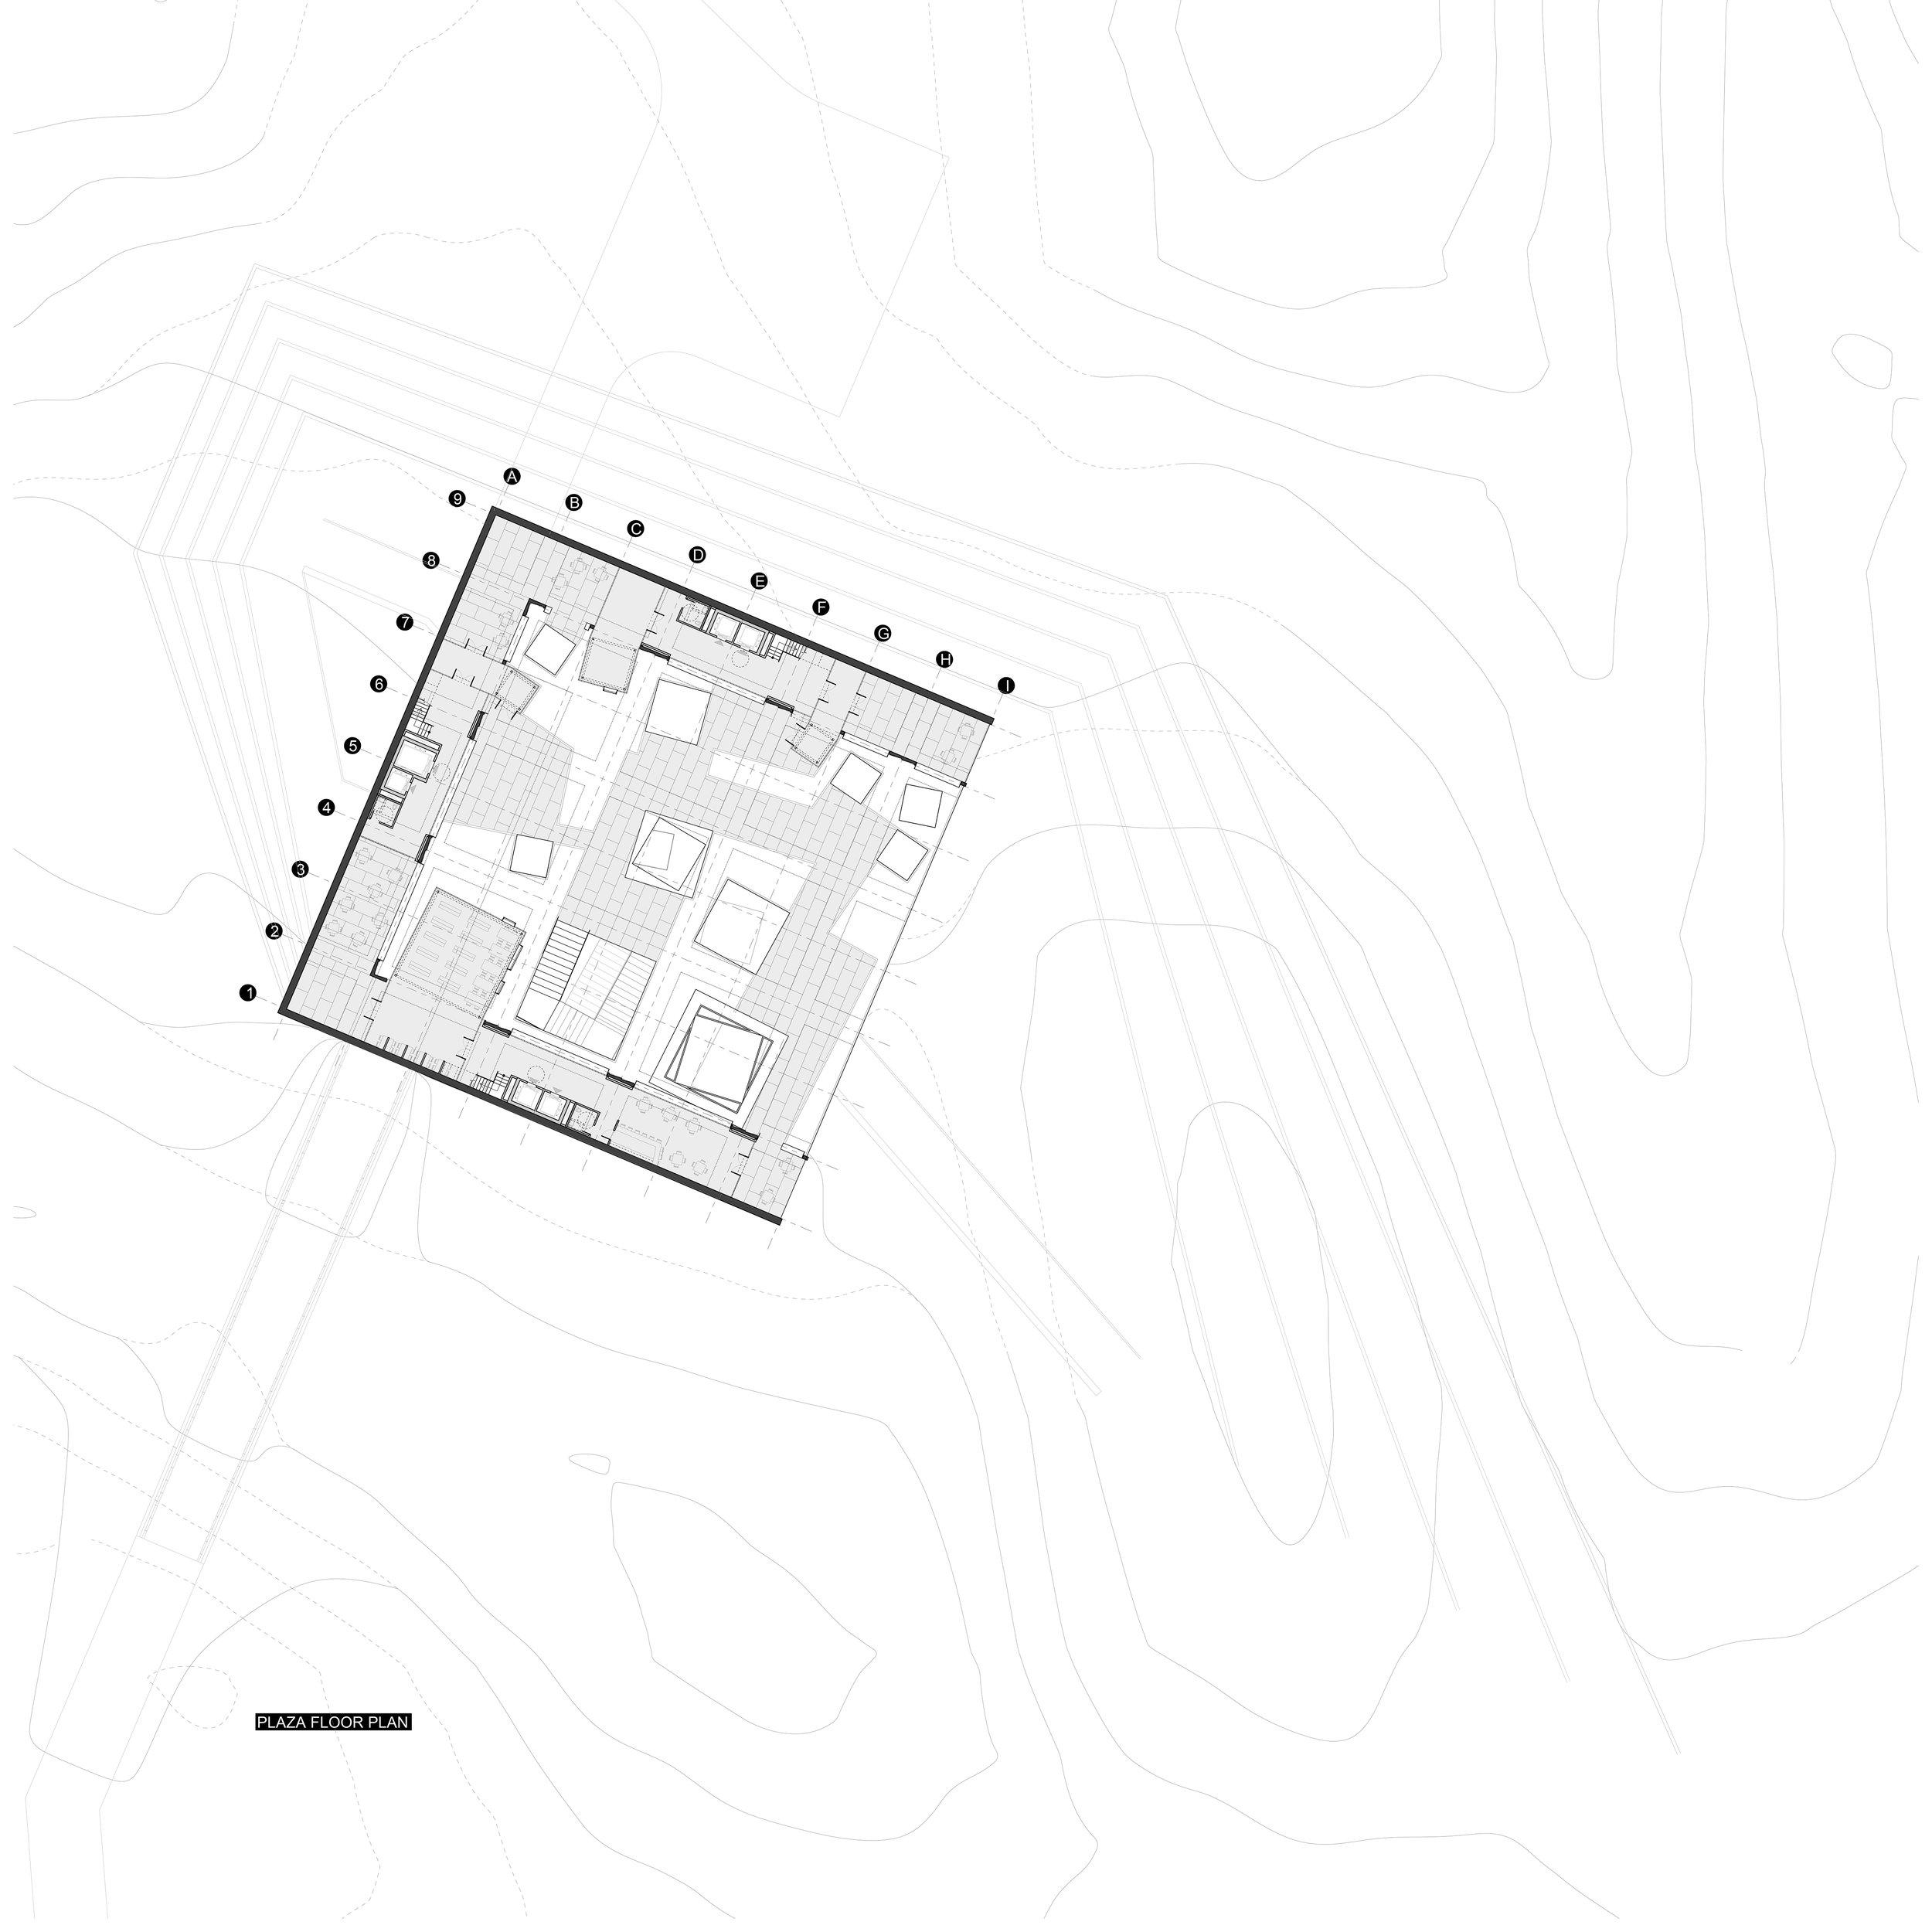 L1 PLAN.jpg